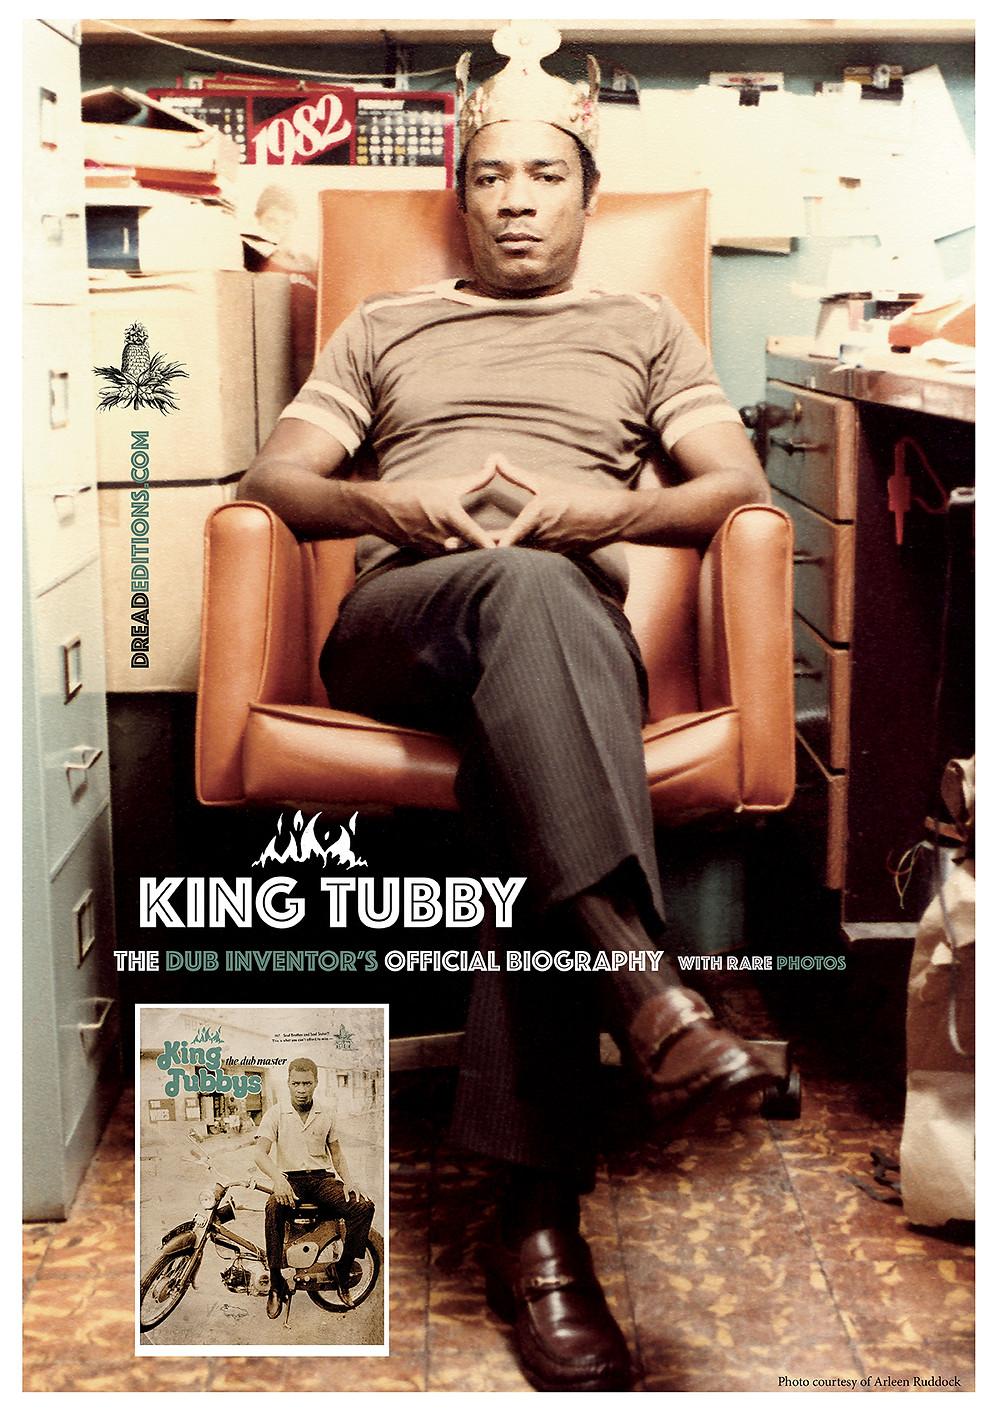 KING TUBBY SHIRT